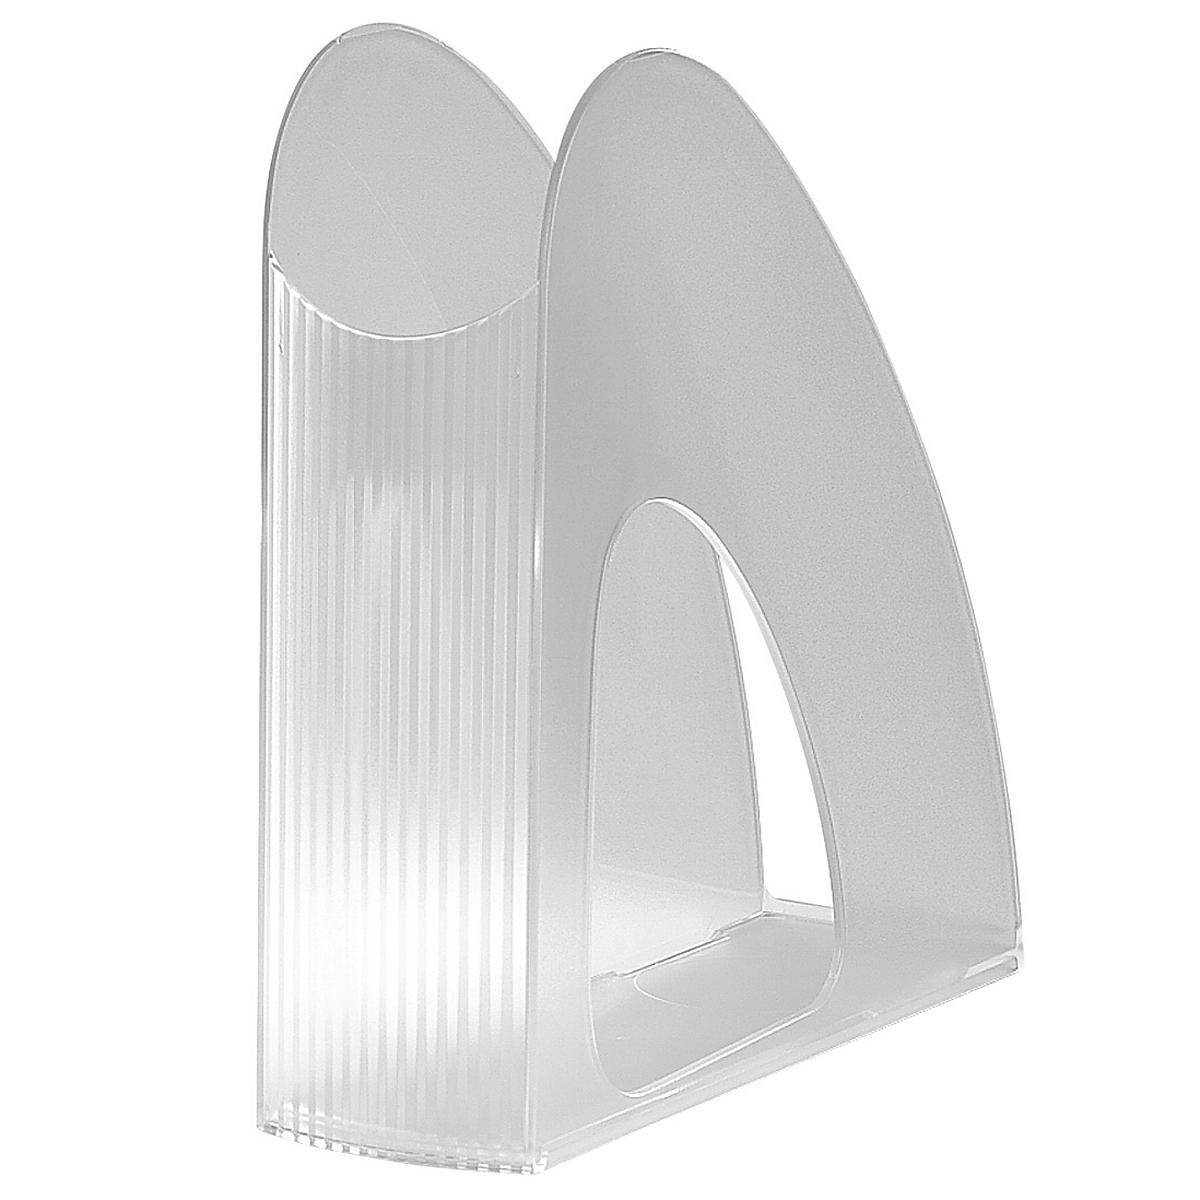 Лоток для бумаг вертикальный HAN Twin, прозрачный, цвет: белыйFS-00103Вертикальный лоток для бумаг HAN Twin с оригинальным дизайном корпуса поможет вам навести порядок на столе и сэкономить пространство.Лоток изготовлен из высококачественного антистатического прозрачного пластика. Низкий передний порог облегчает изъятие документов из накопителя.Благодаря лотку для бумаг, важные бумаги и документы всегда будут под рукой.